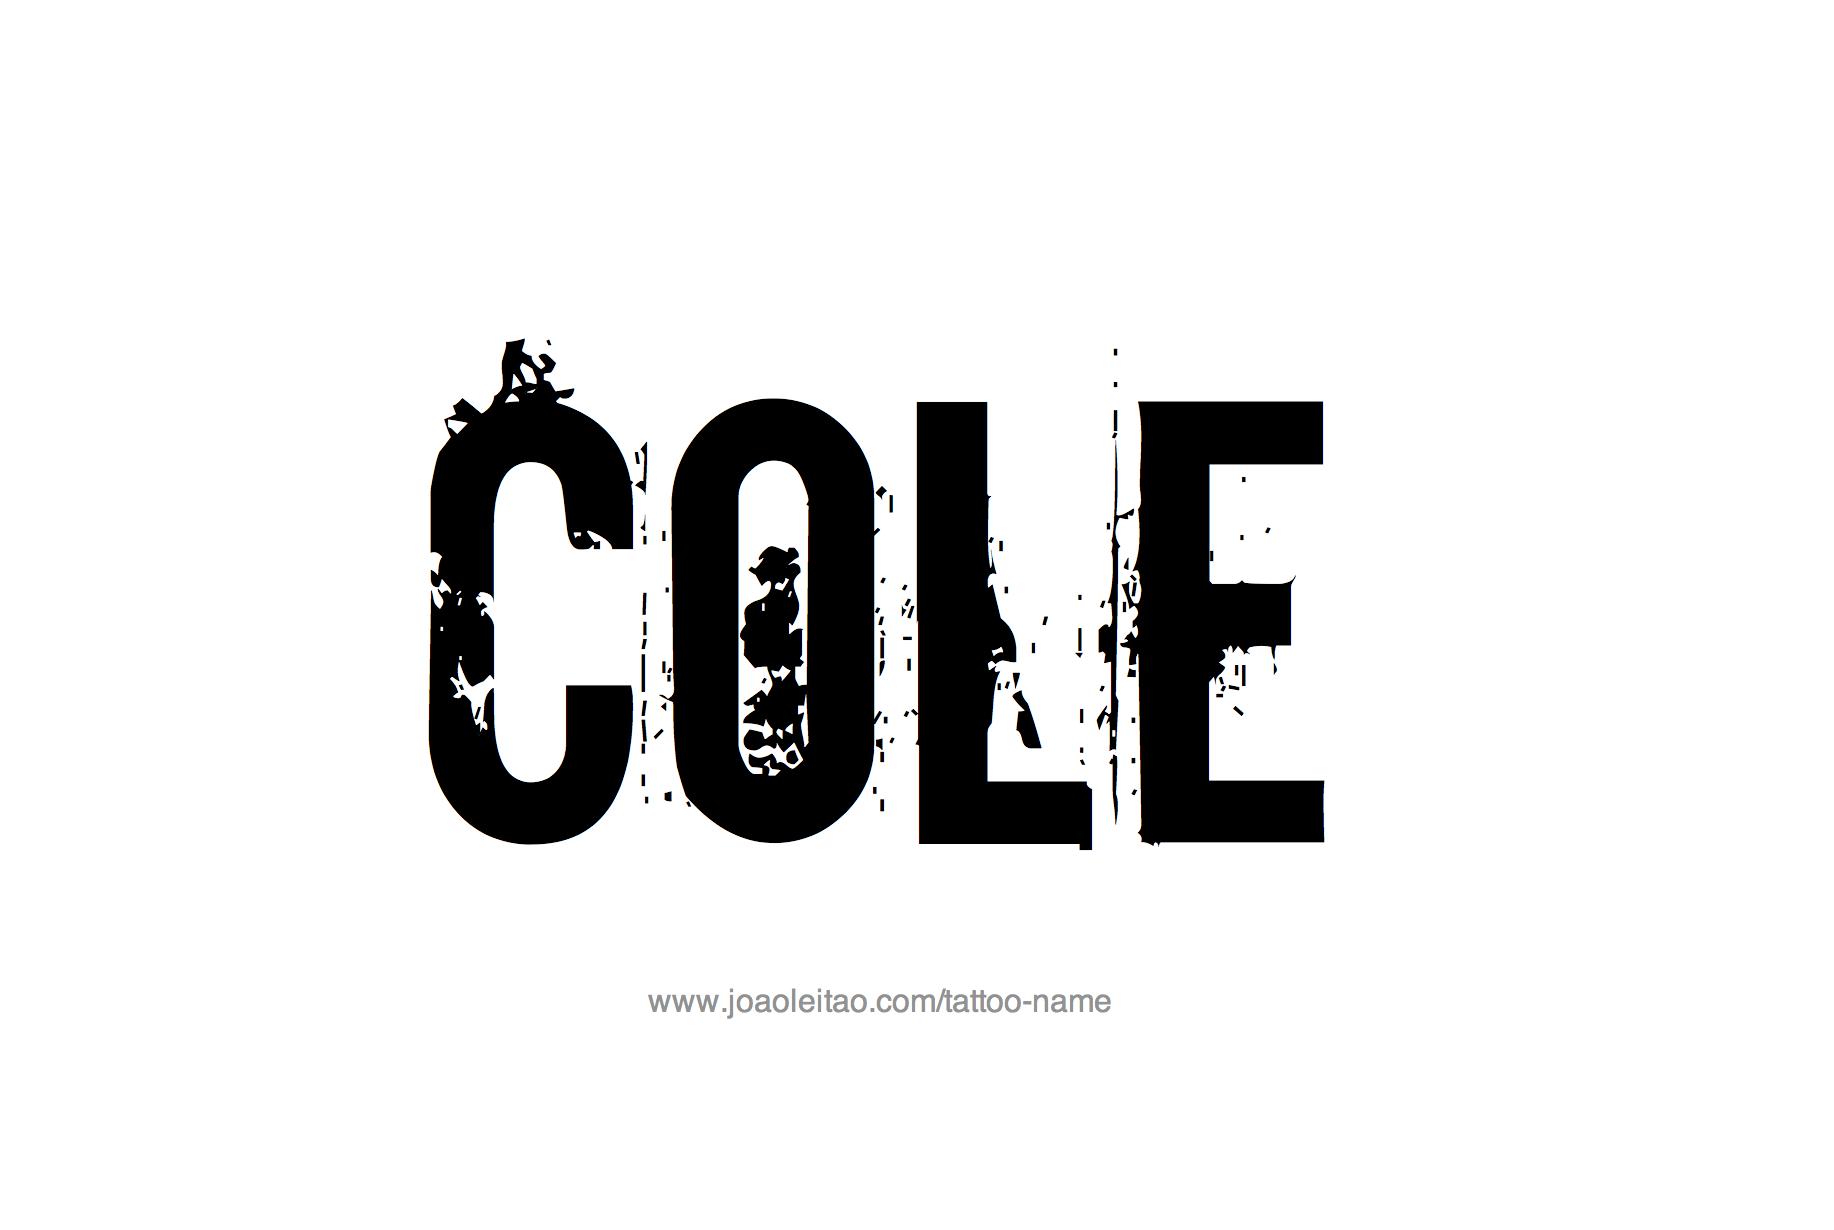 Tattoo Design Name Cole